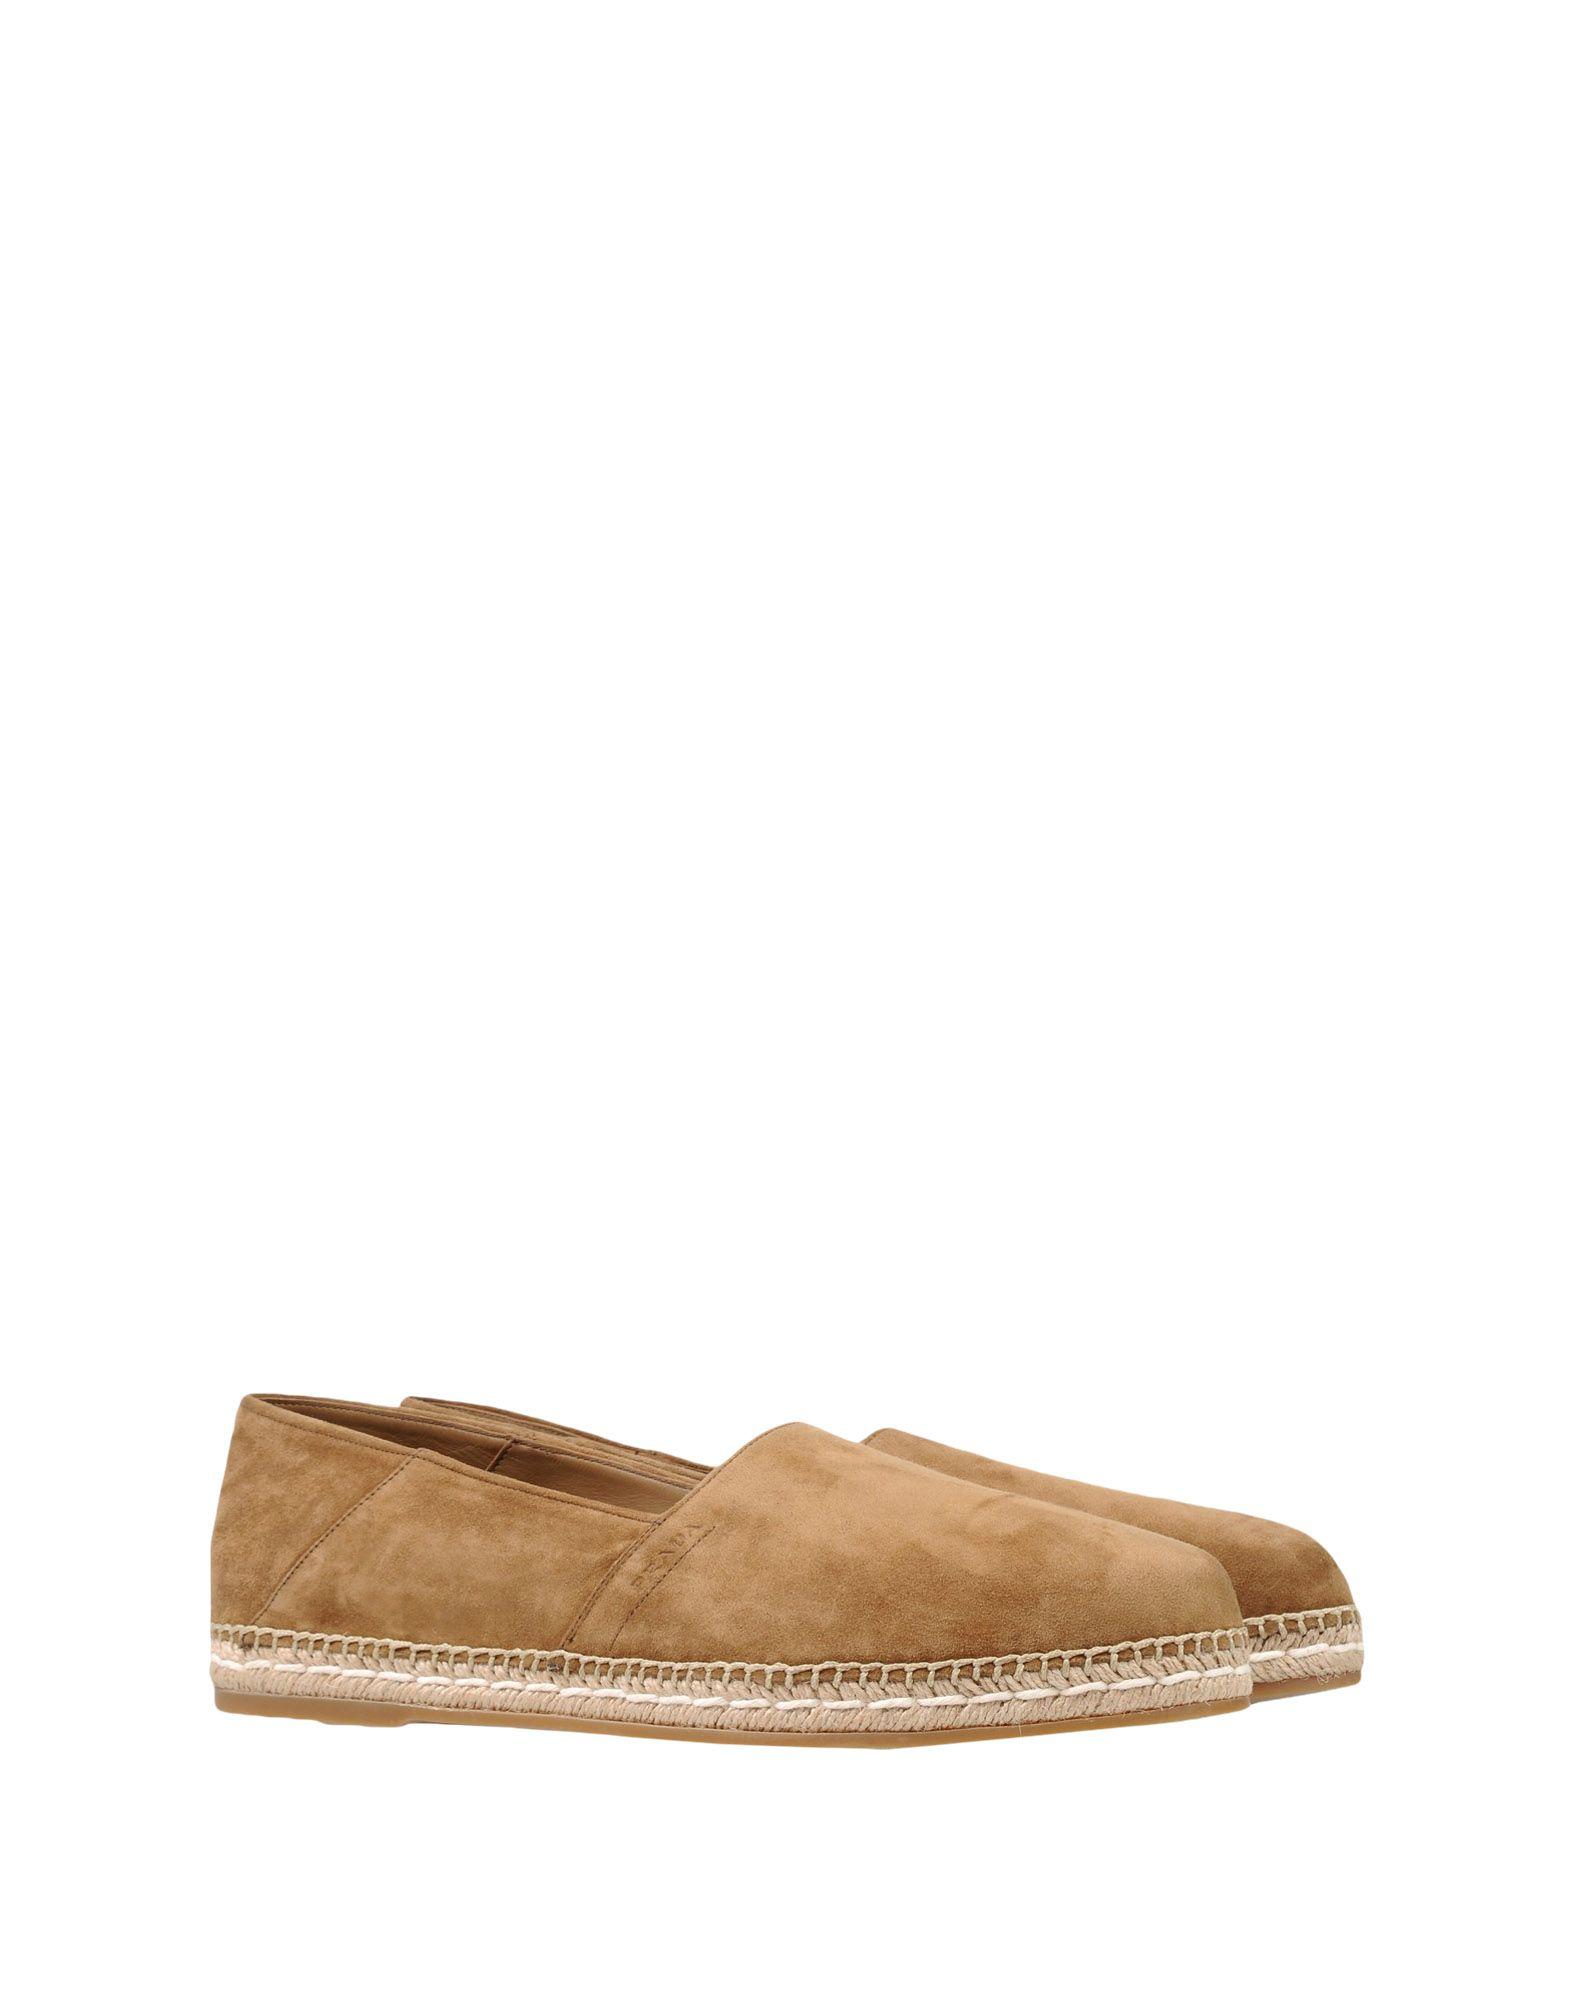 Prada Gute Espadrilles Herren  11181351JA Gute Prada Qualität beliebte Schuhe 731951